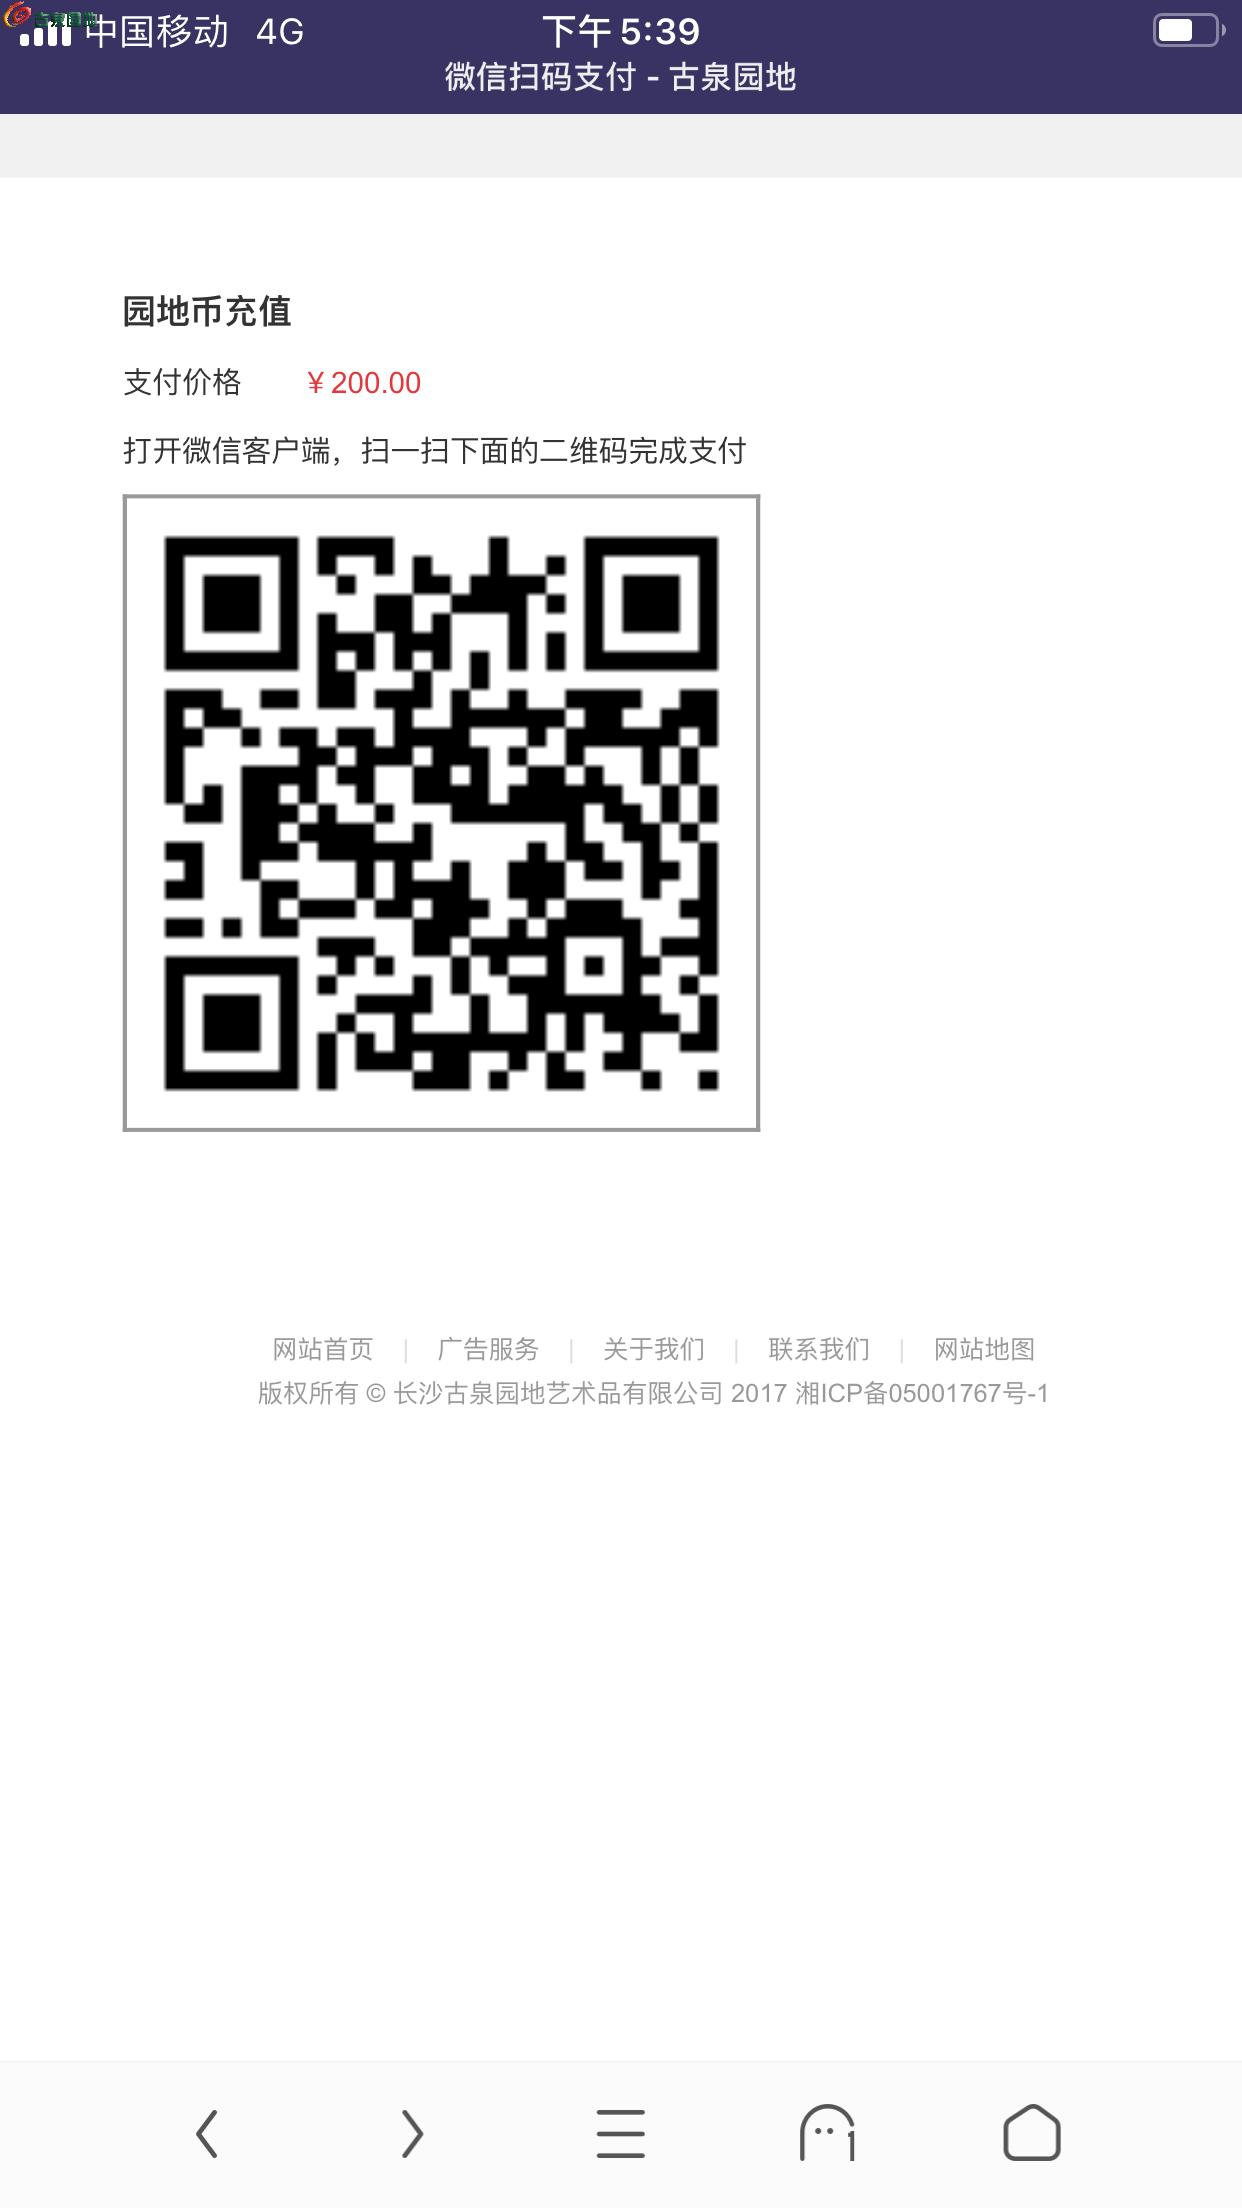 wKgBWGC_O32IWJPjAAHm6Y_iR_8AAGaxgE6llAAAecB033.png